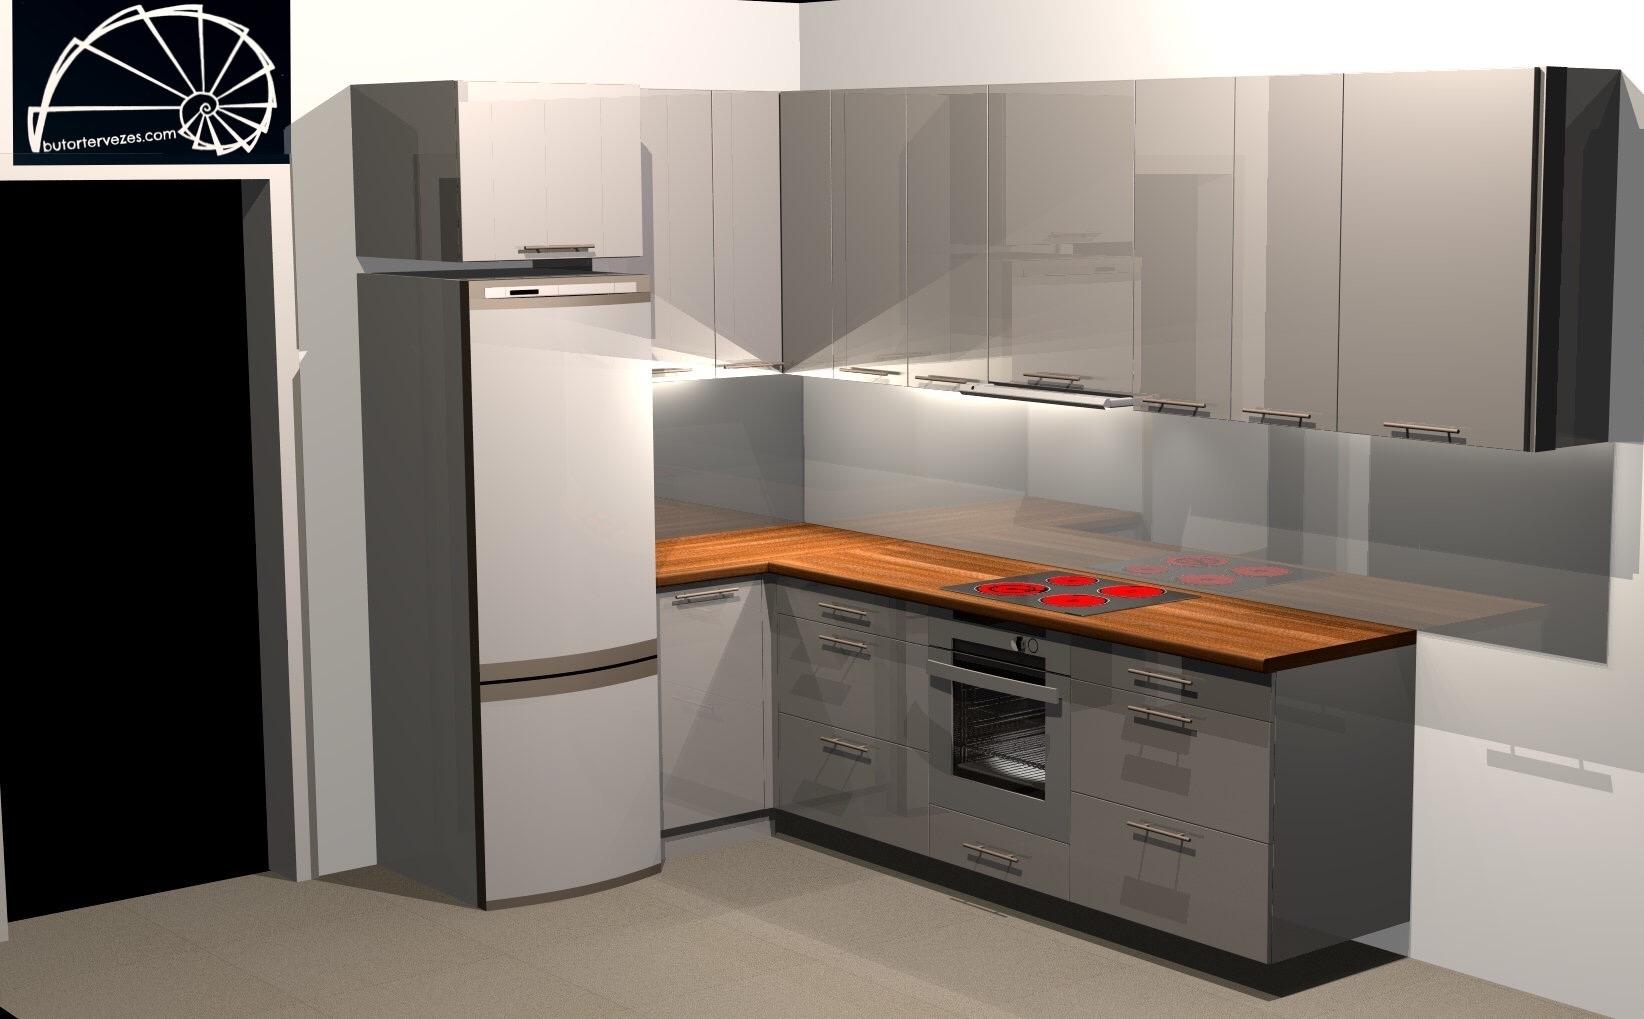 Látványterv egyedi magasfényű négyoldalas konyhabútor a-b oldal kép